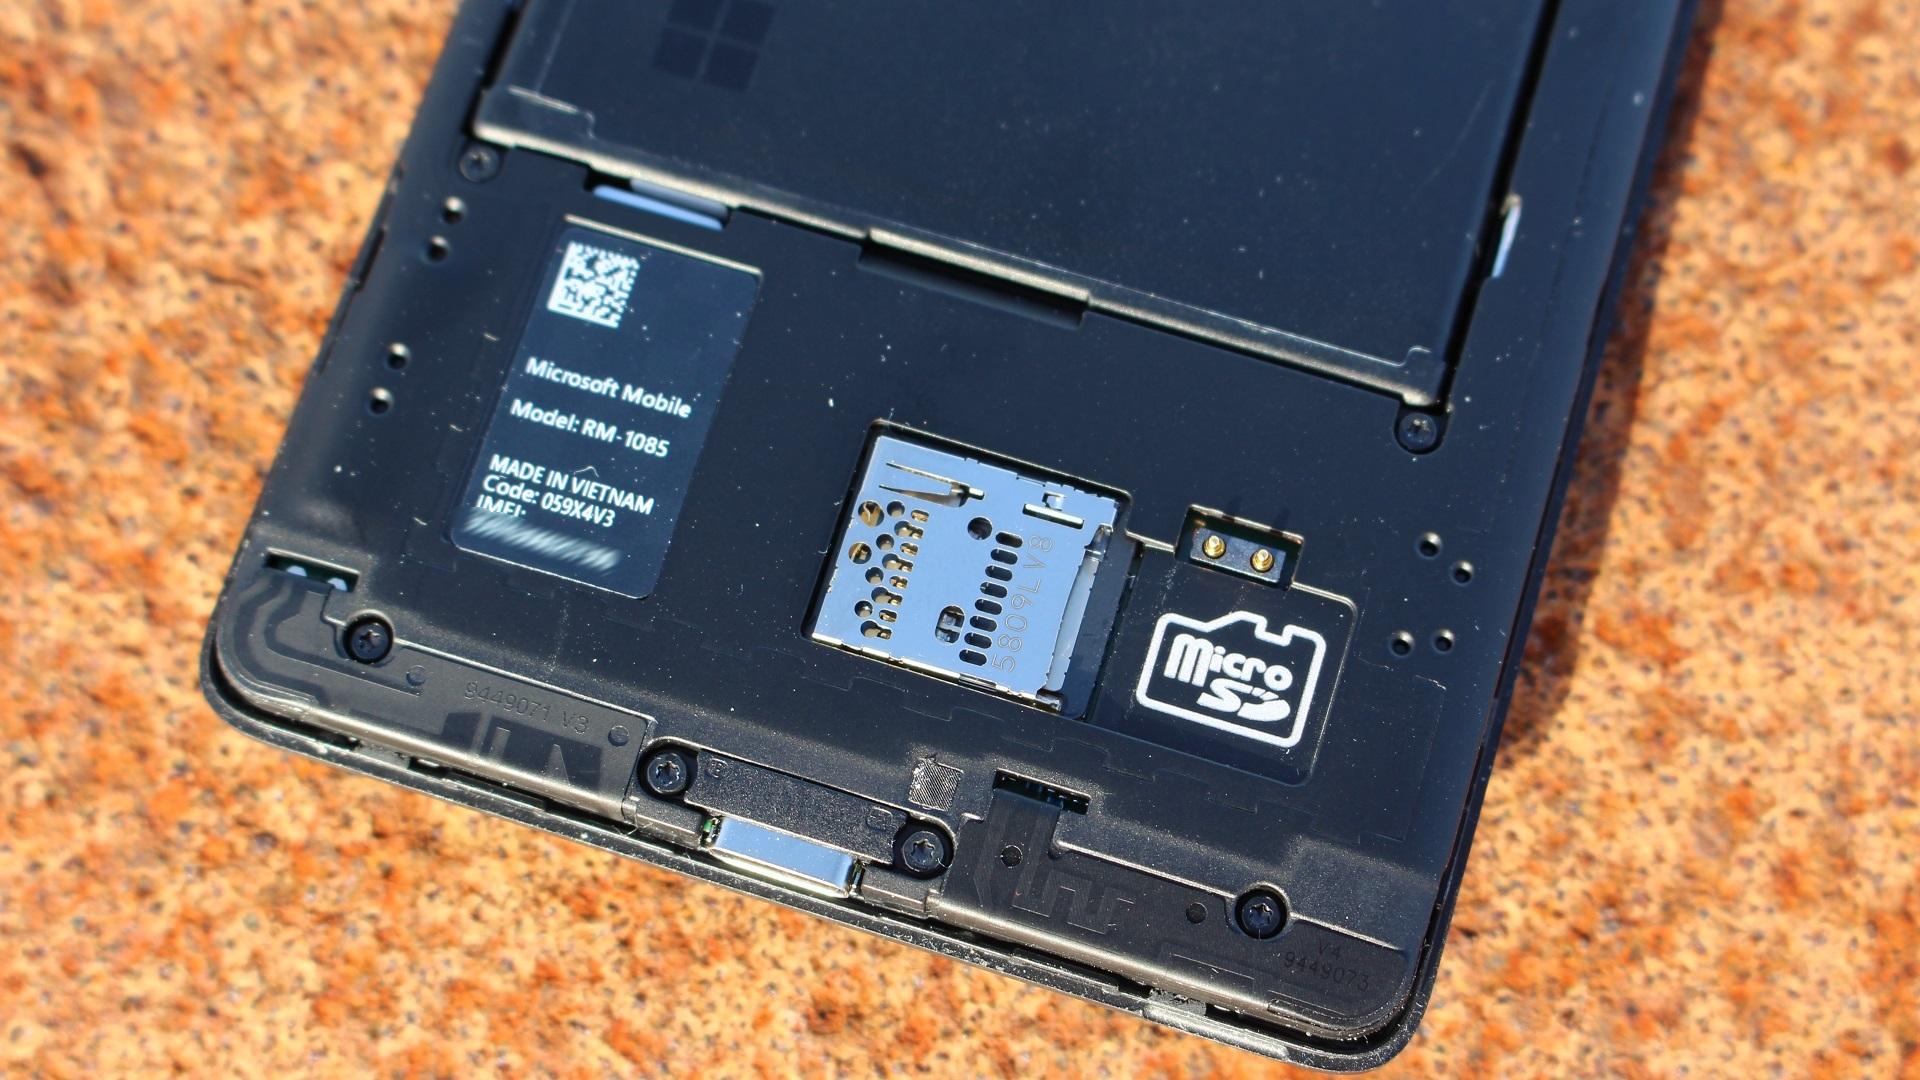 Test: Microsoft Lumia 950 XL mit Windows 10 Mobile – GIGA